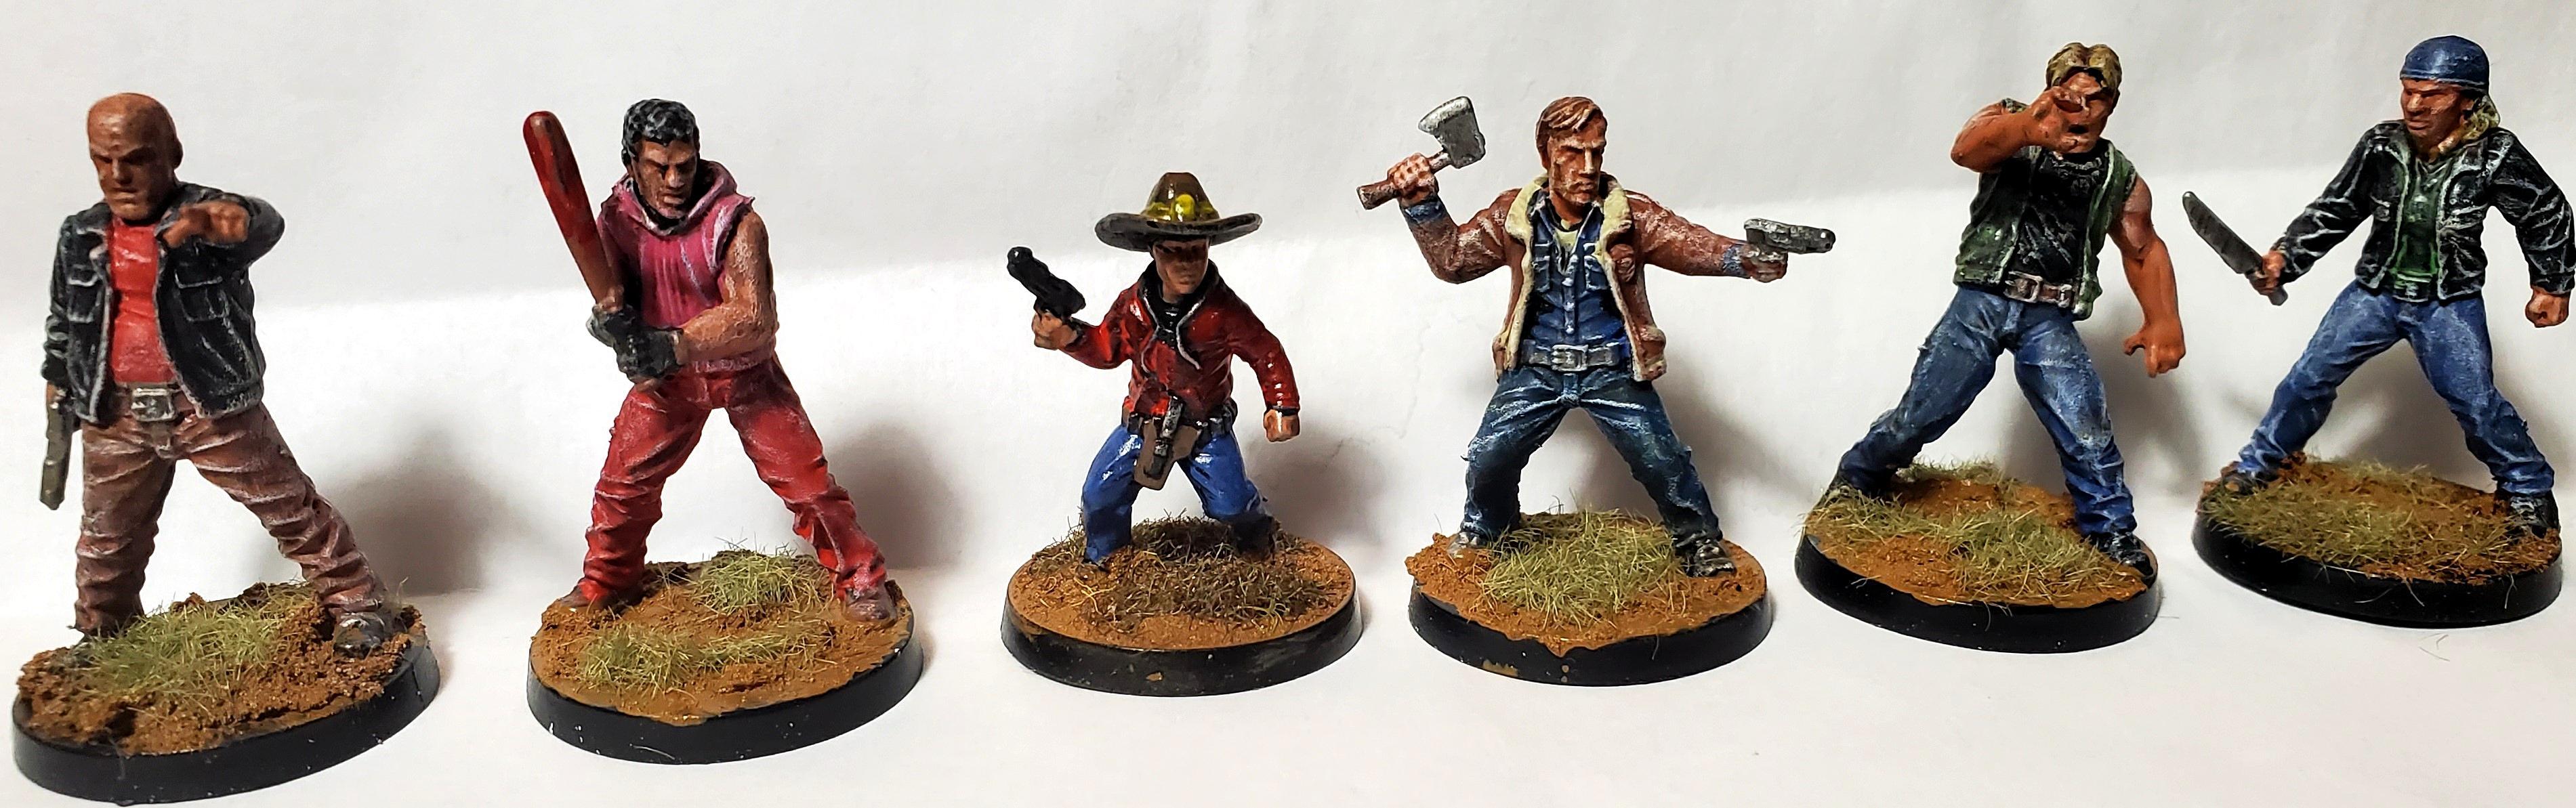 Carl, Rick, Twd, Walking Dead